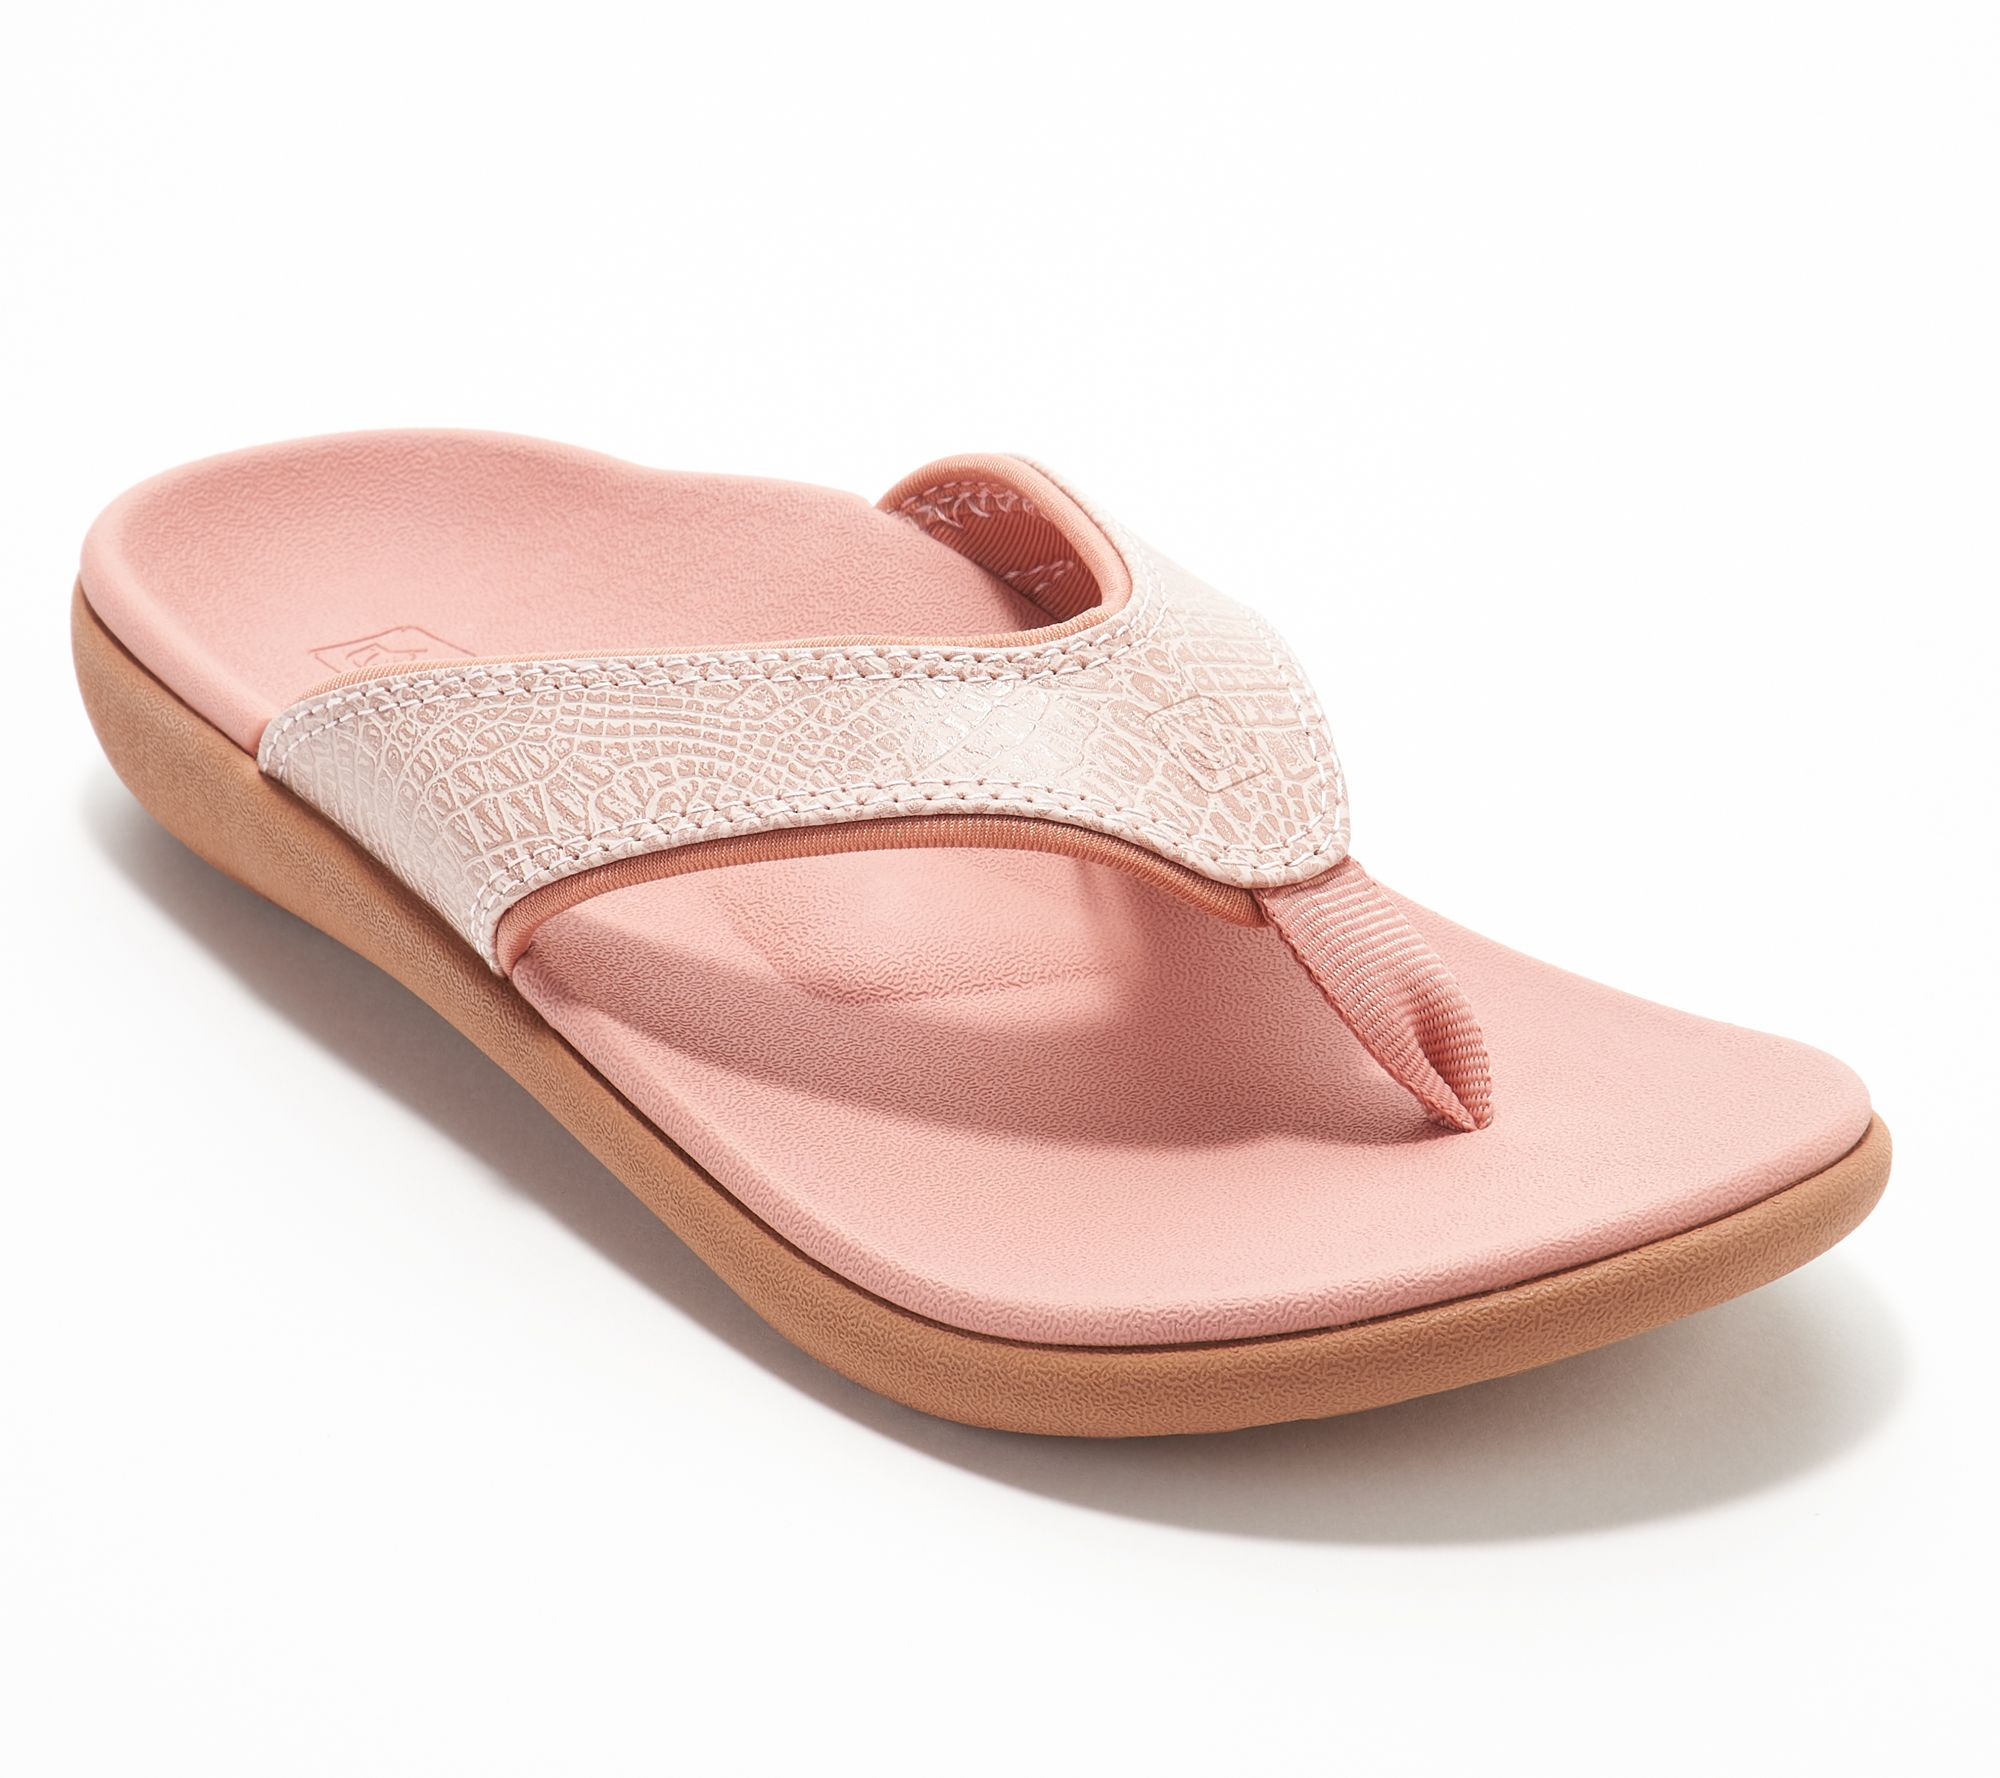 11dfe25eae1f2 Spenco Orthotic Thong Sandals - Yumi Croco - Page 1 — QVC.com